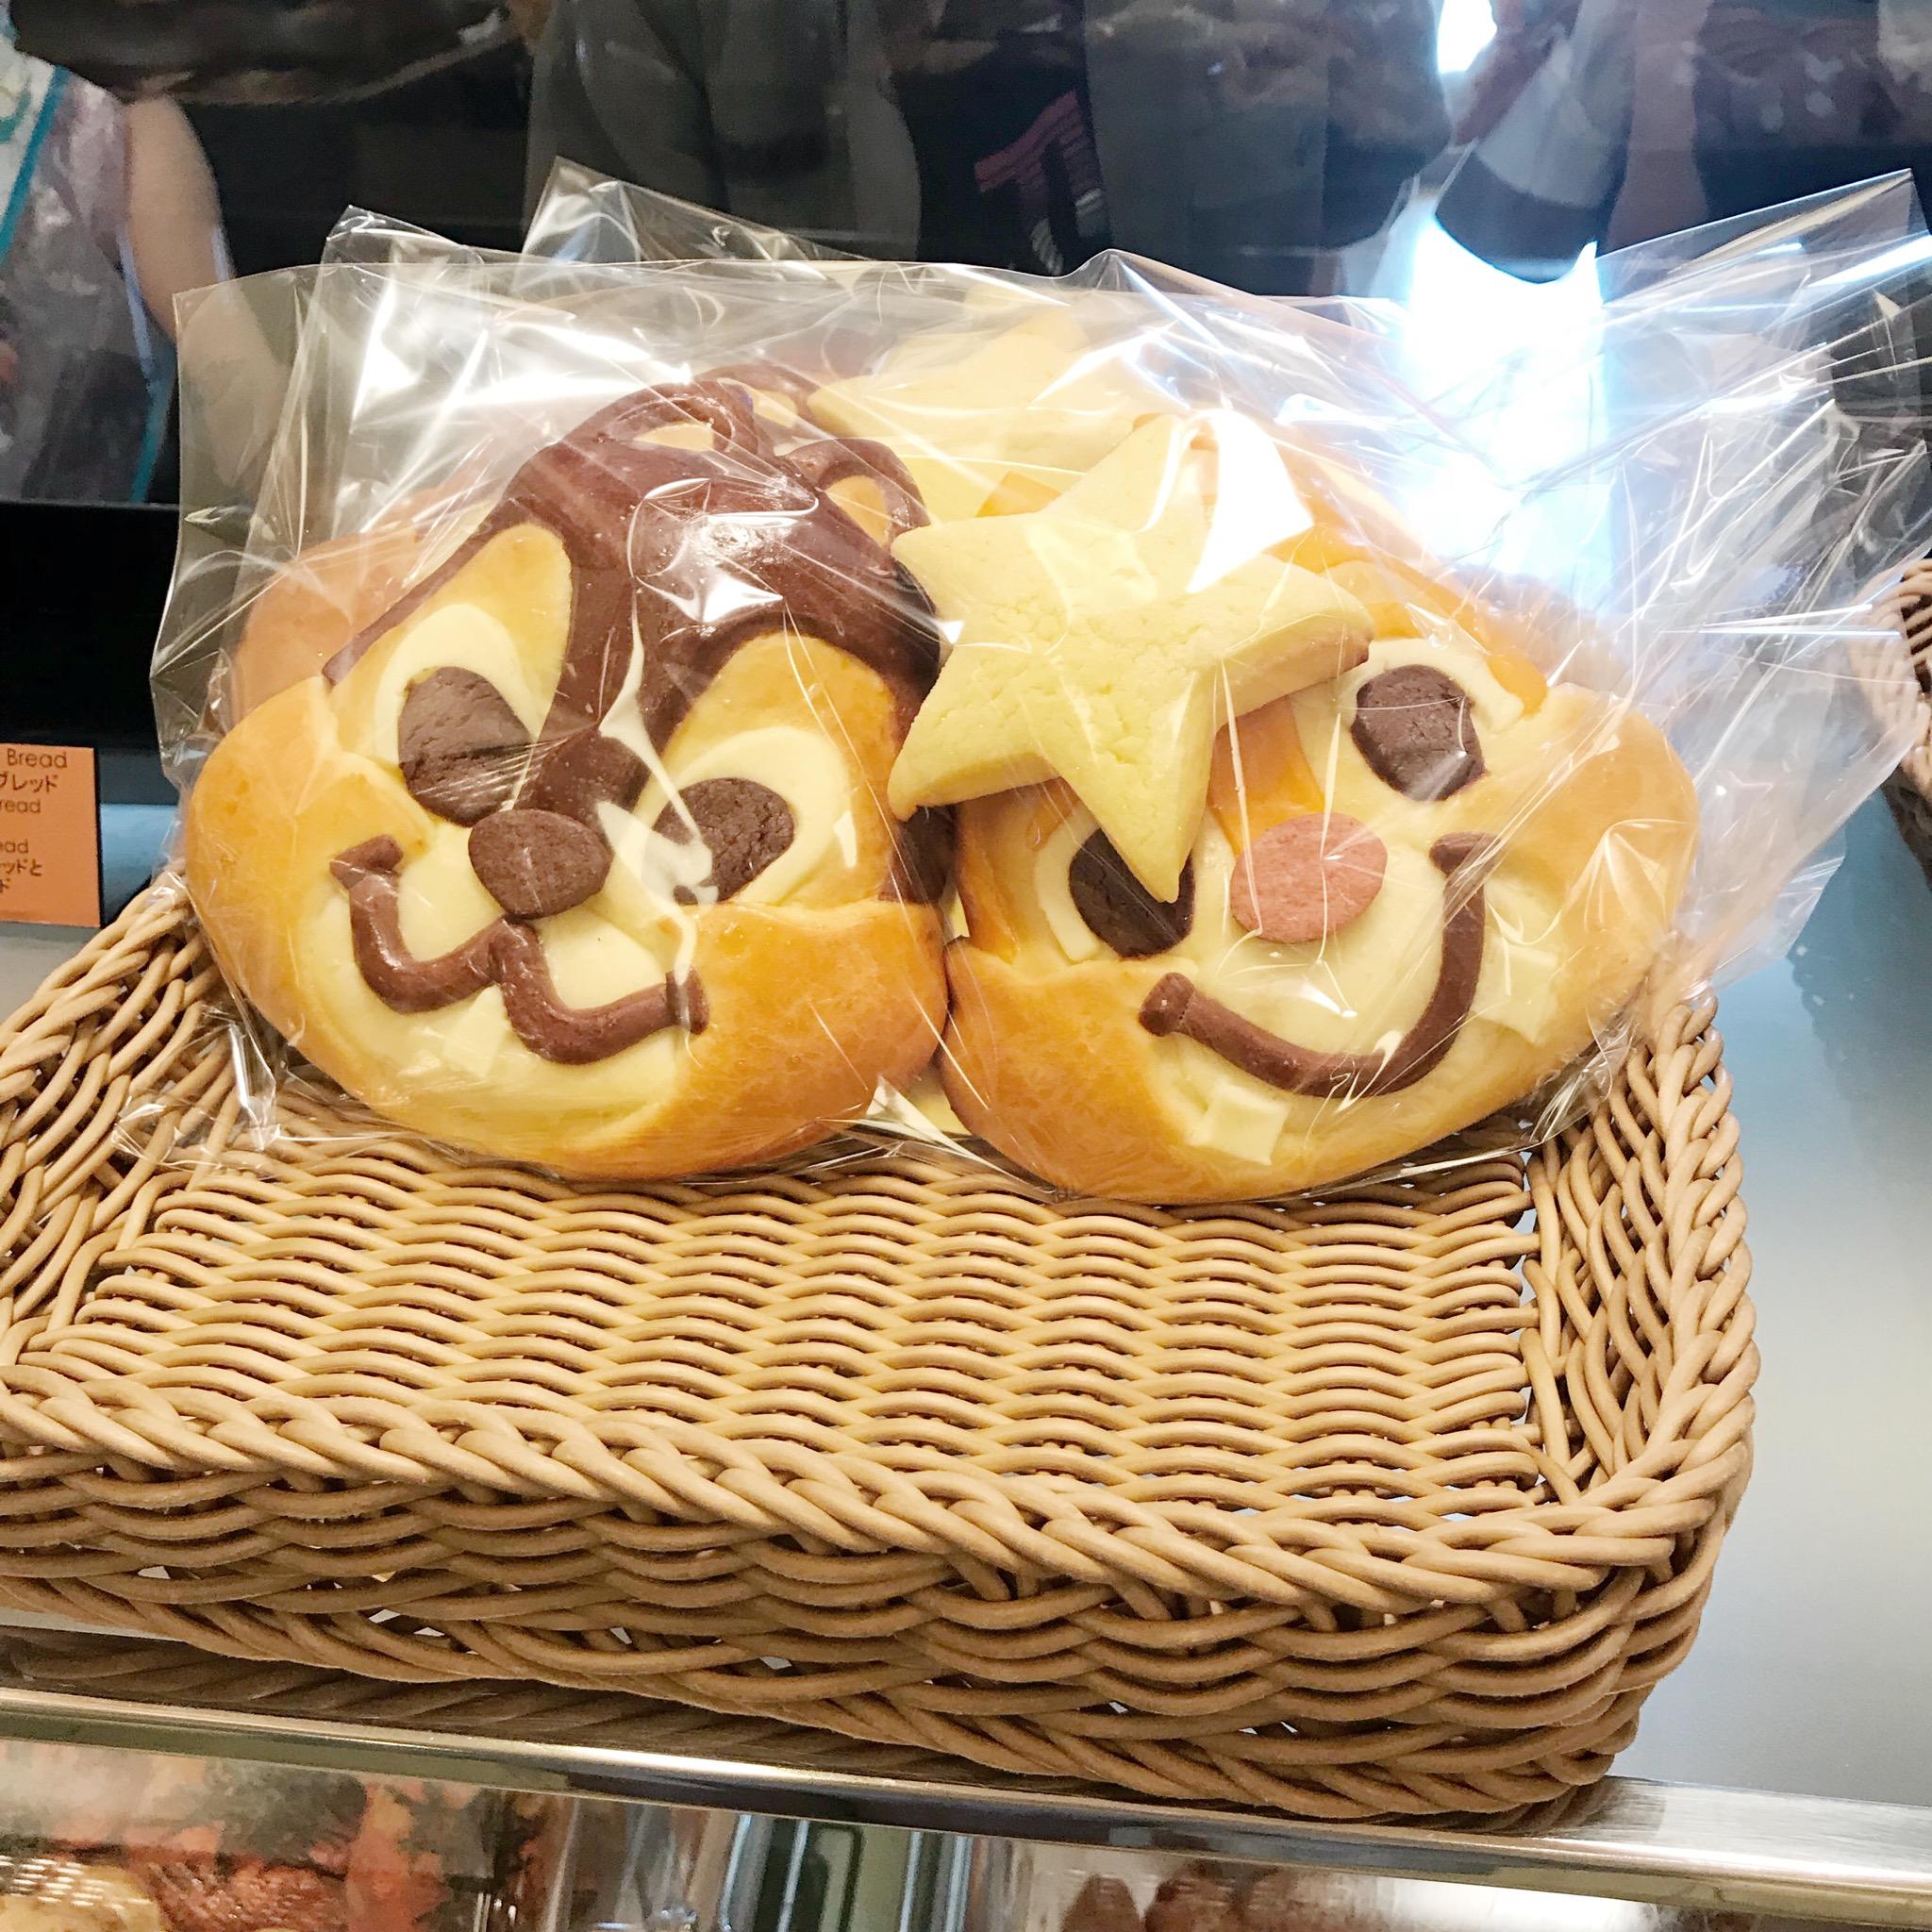 【チップとデールパン】こんなに可愛いパンが買えちゃう!チックタック・ダイナーって?_4